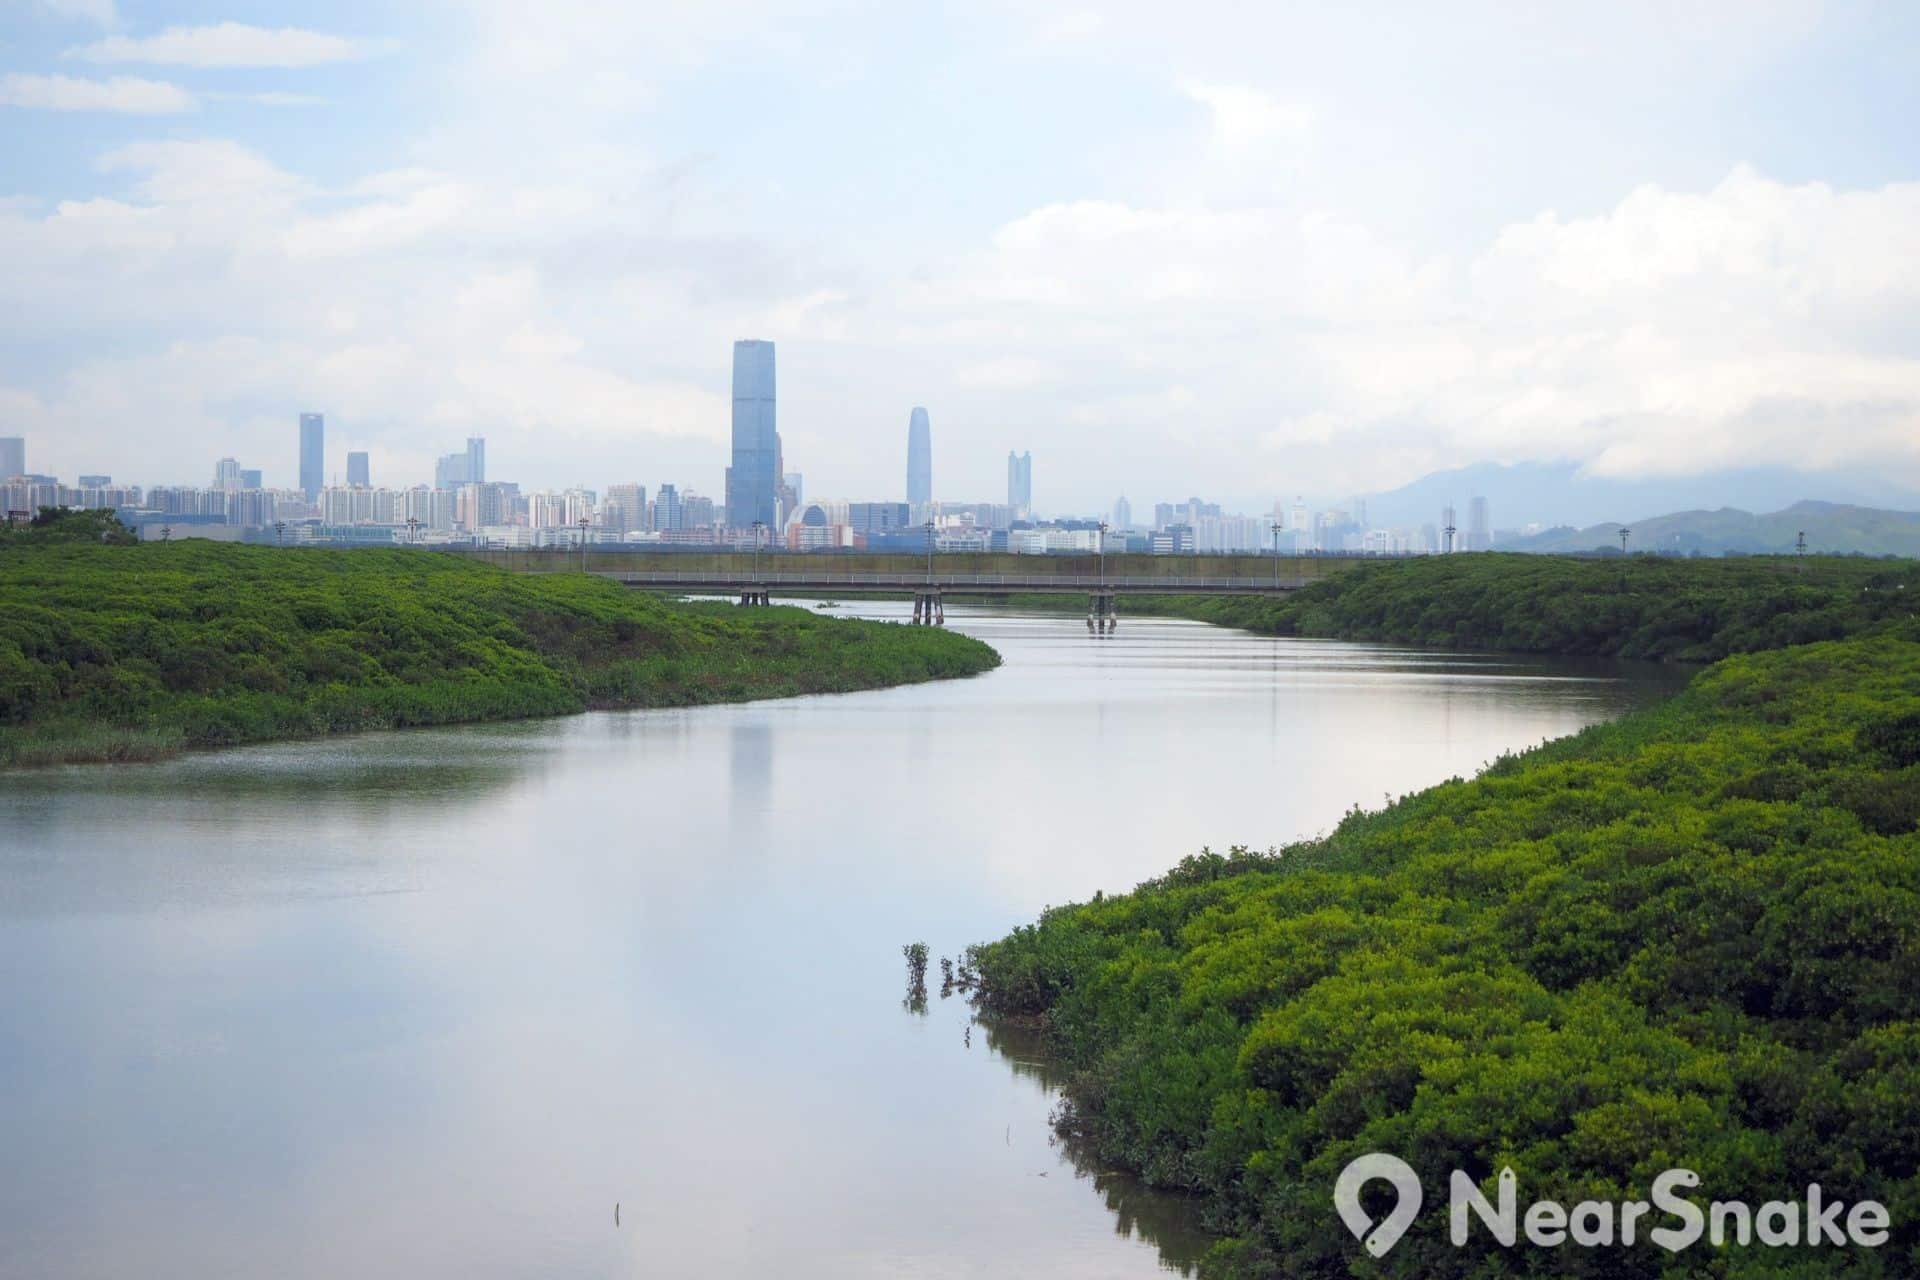 從河畔觀鳥屋向外眺望,可看到前景的濕地,以及後景的深圳高樓大廈。